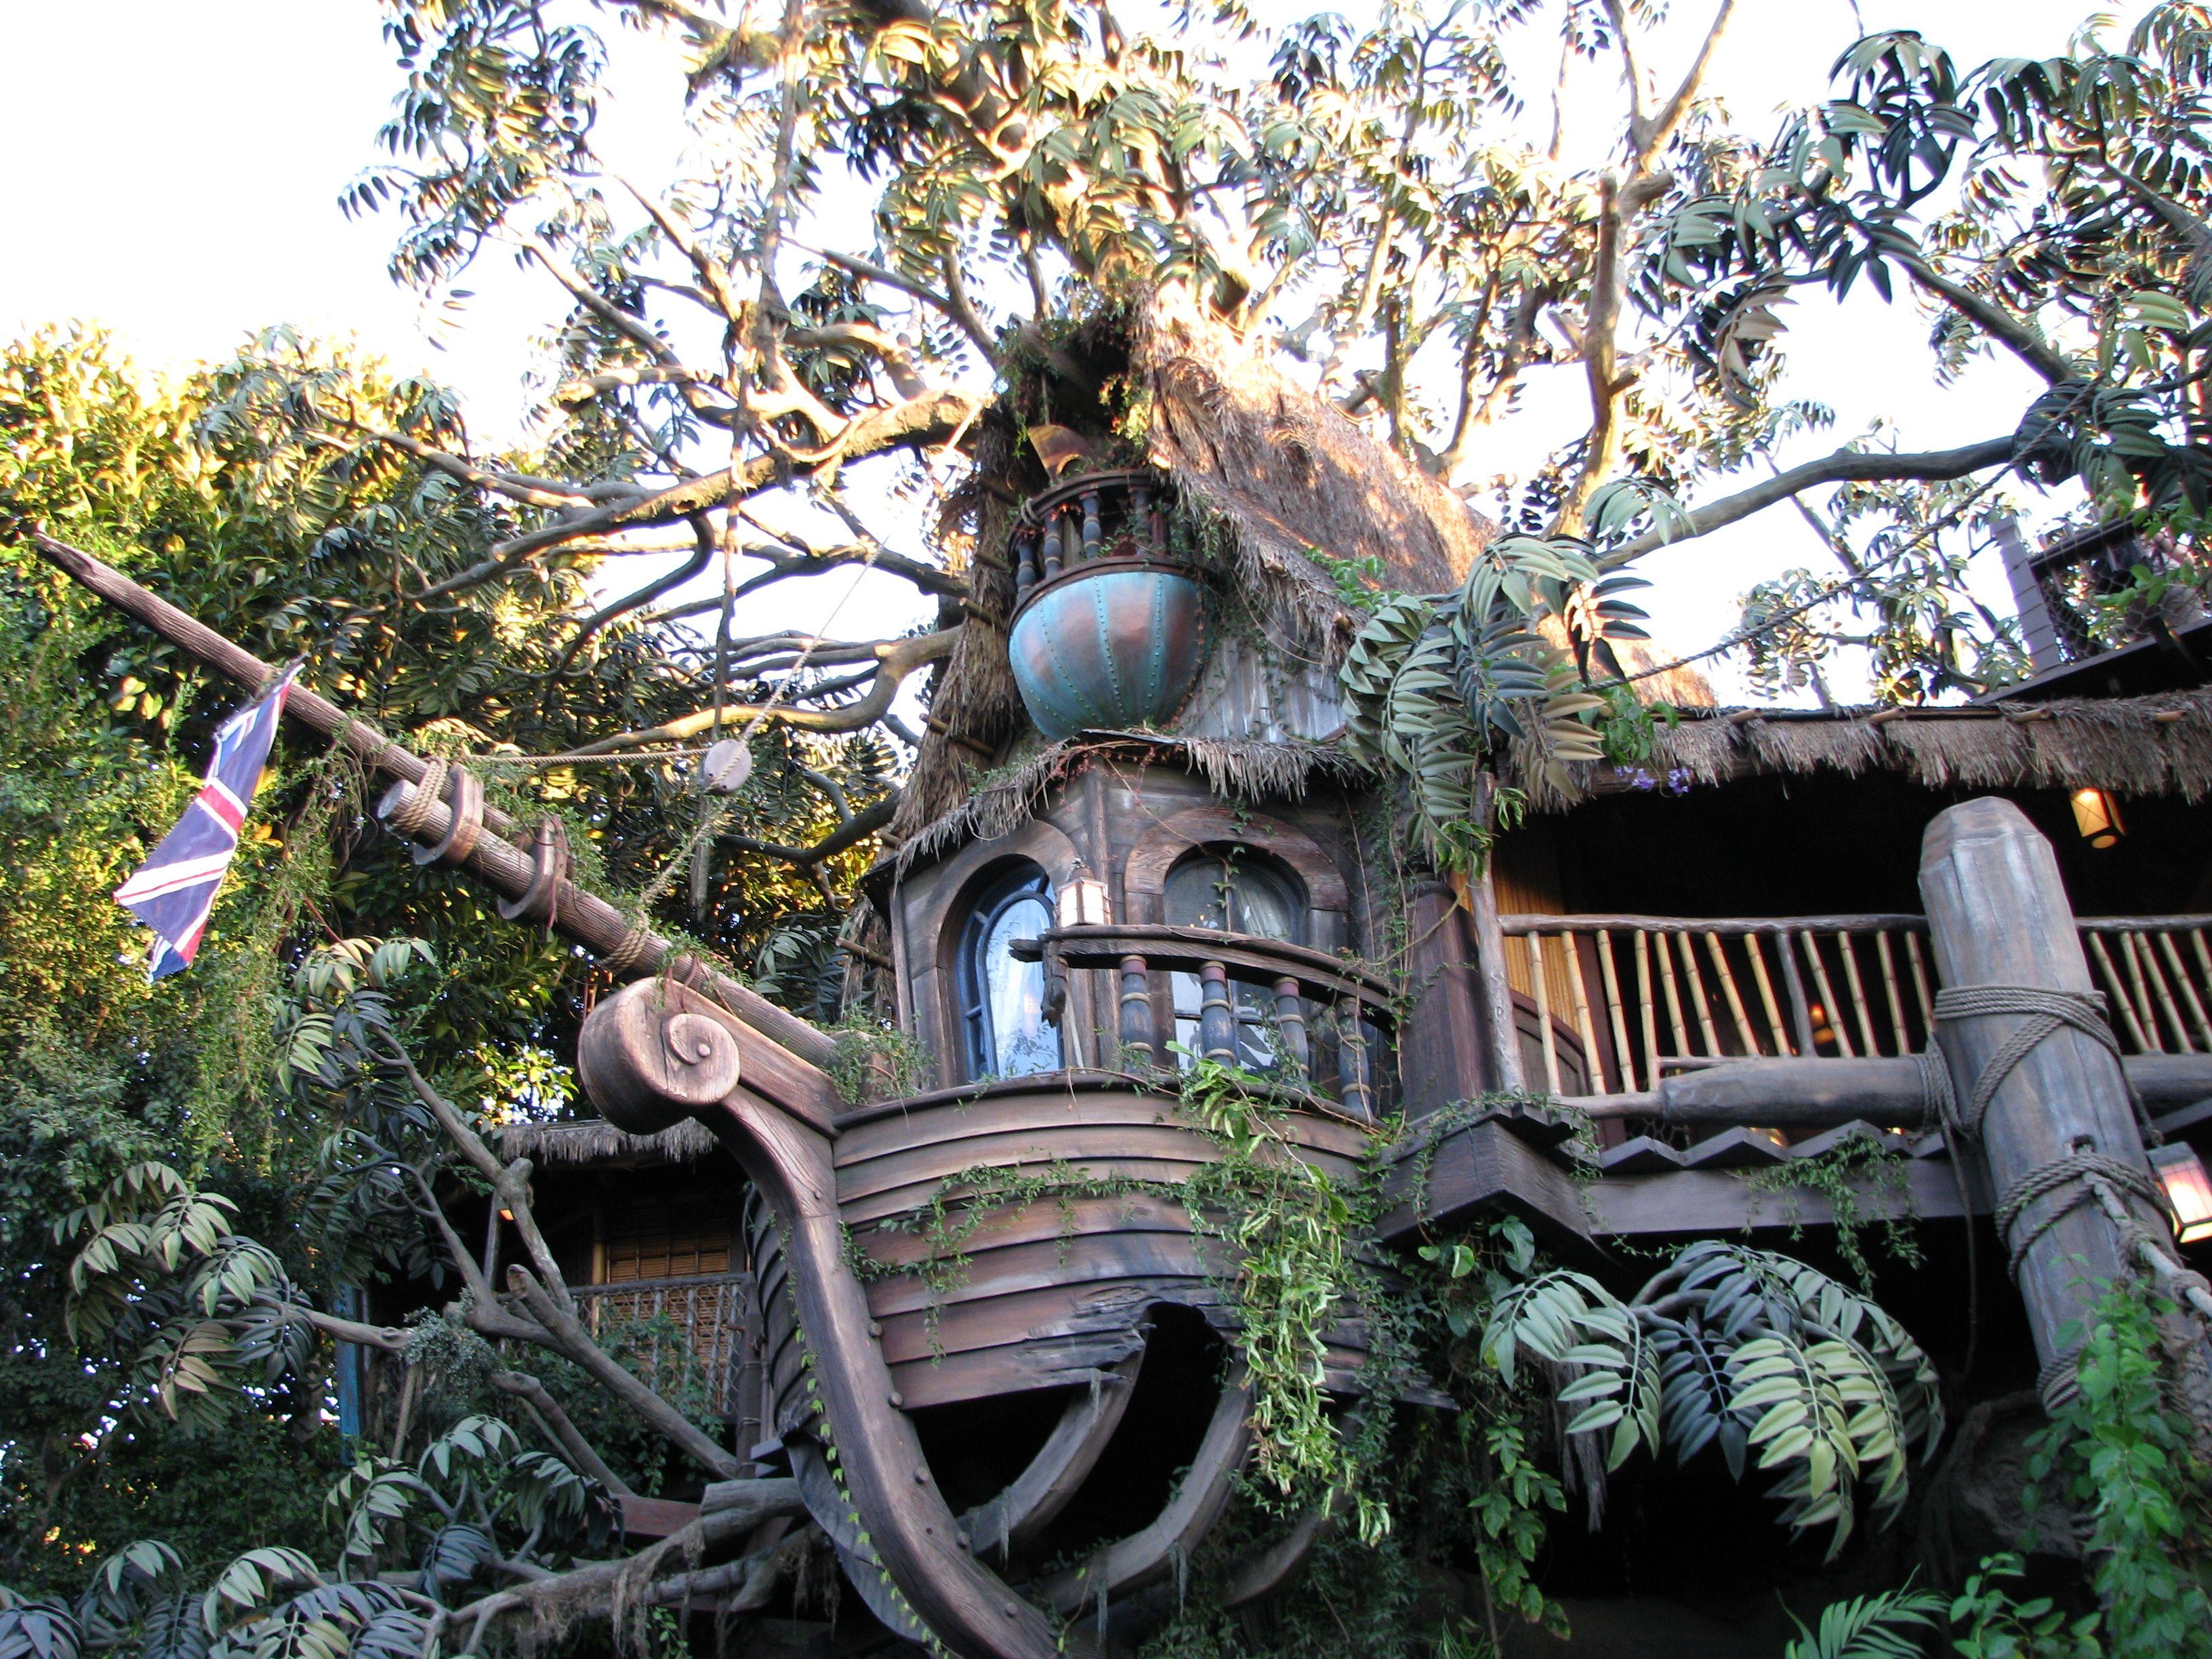 tarzan's treehouse in disneyland's adventureland